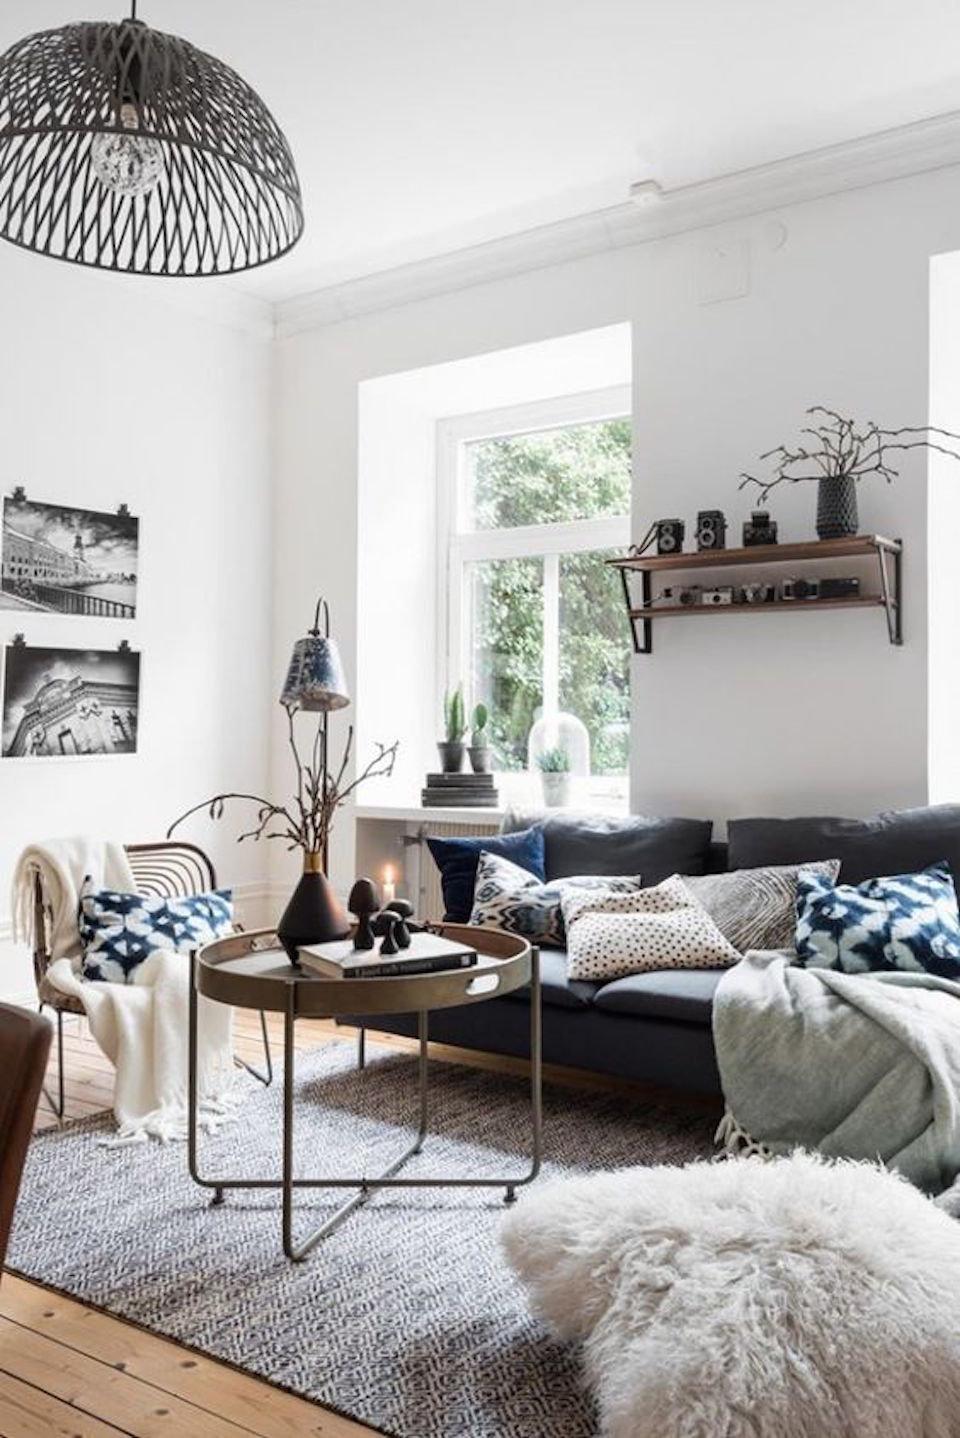 Salon scandinave vintage bleu blanc noir gris beige bois m tal parquet textile rotin budget - Salon beige et noir ...